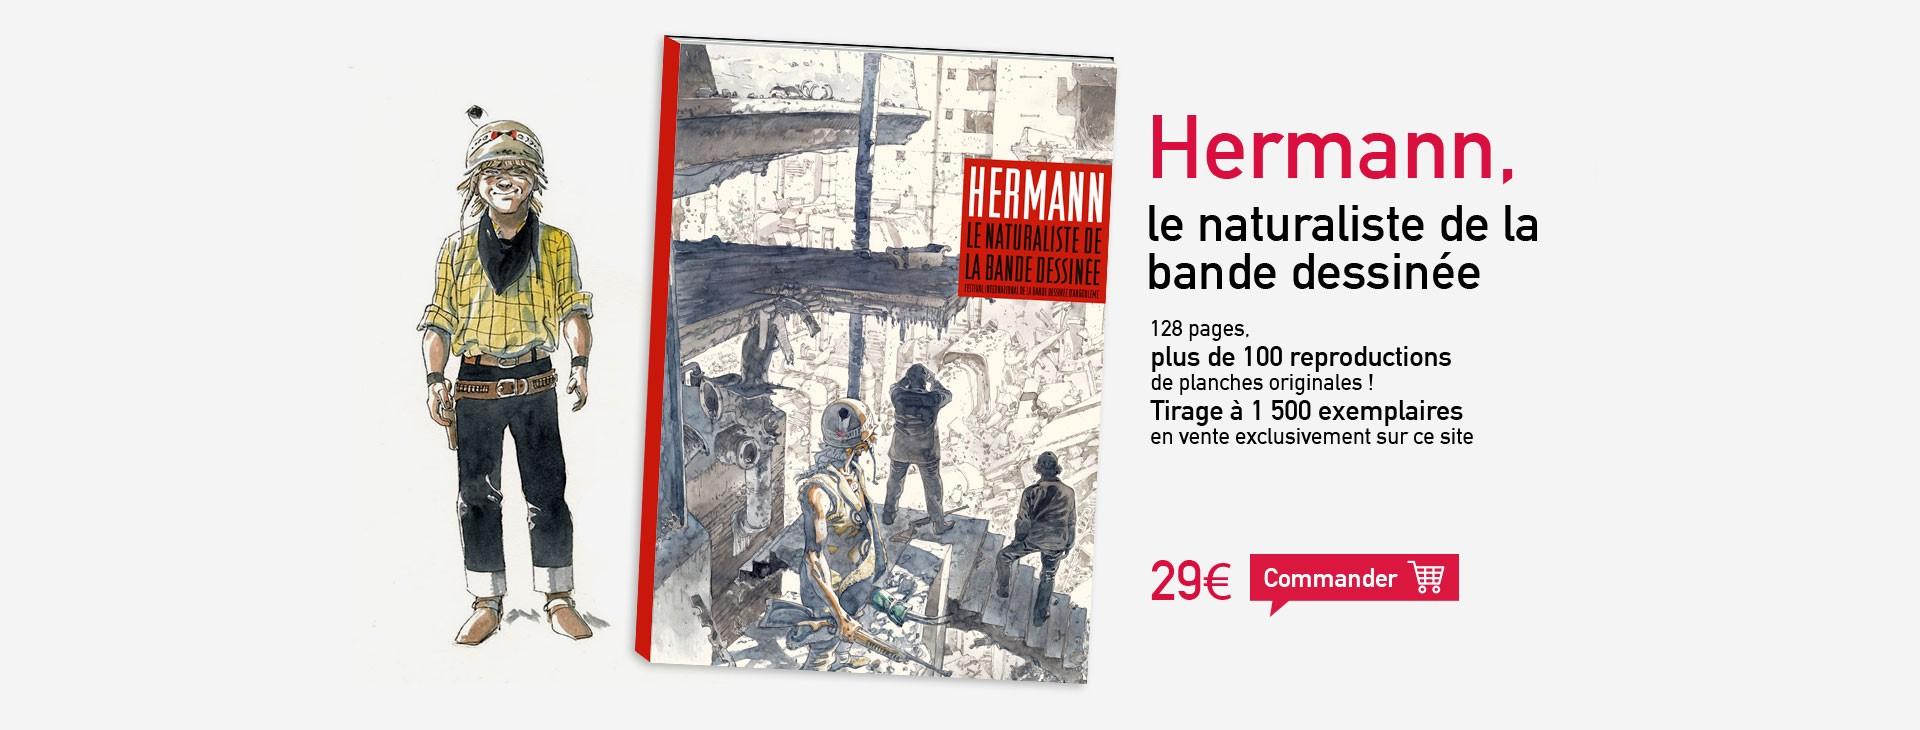 Hermann - Le naturaliste de la bande dessinée